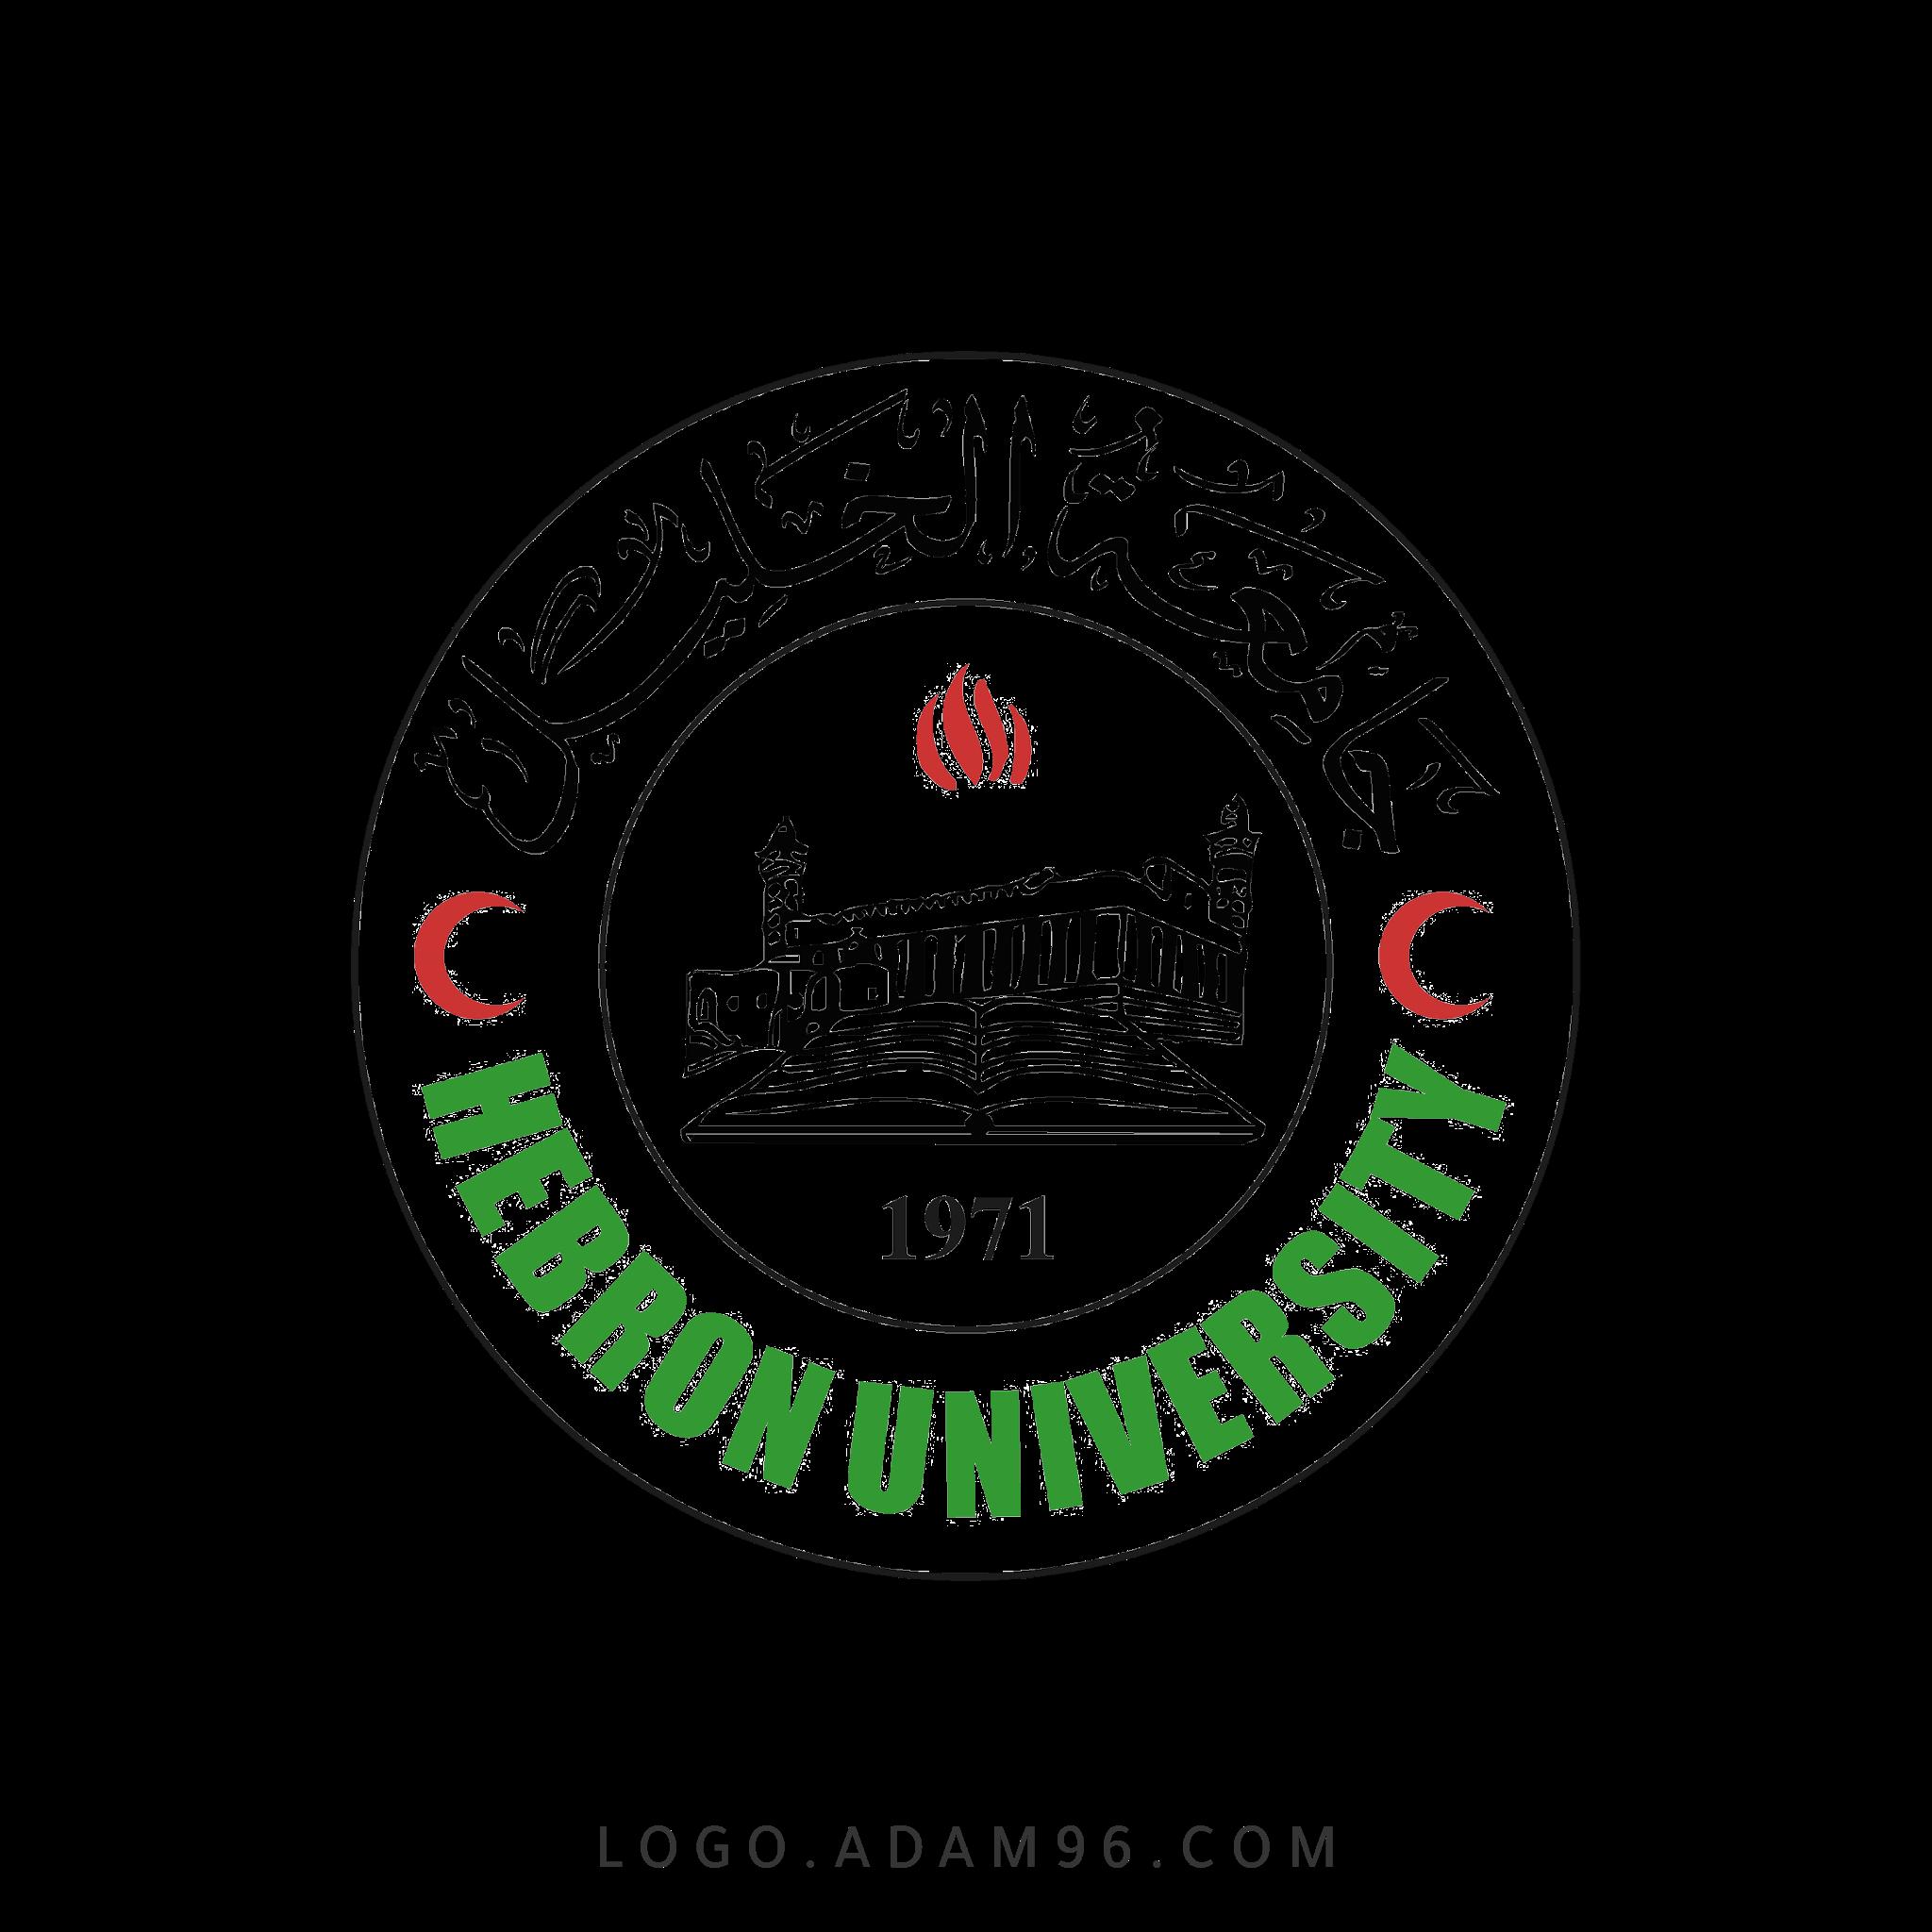 تحميل شعار جامعة الخليل لوجو شفاف عالي الدقة بصيغة PNG